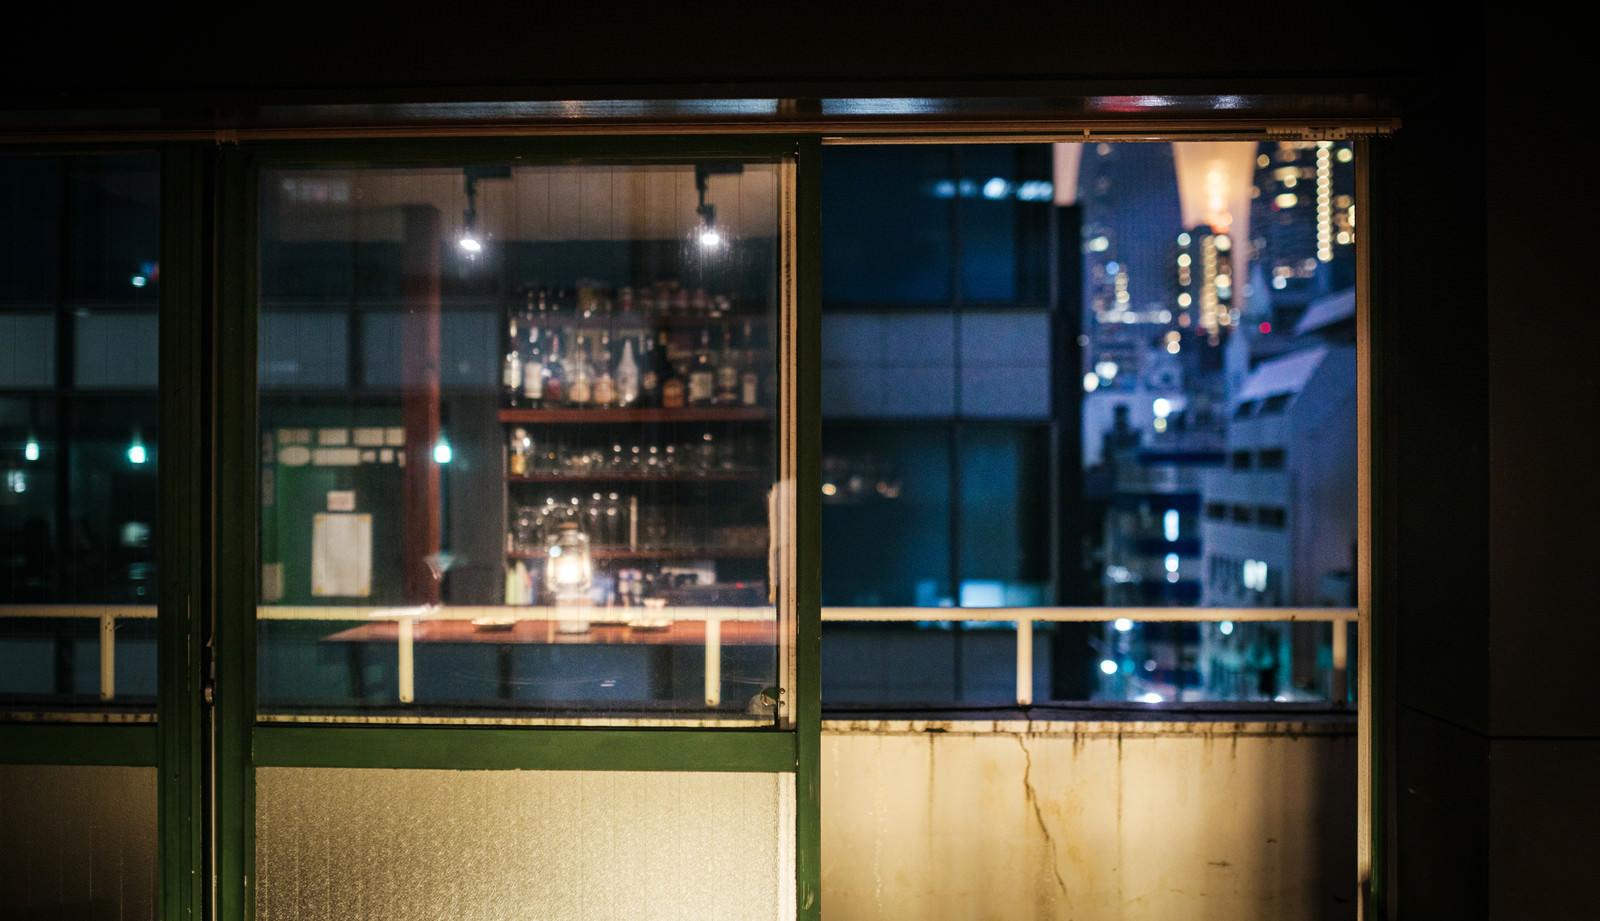 「オフィス街の夜景とベランダの様子」の写真